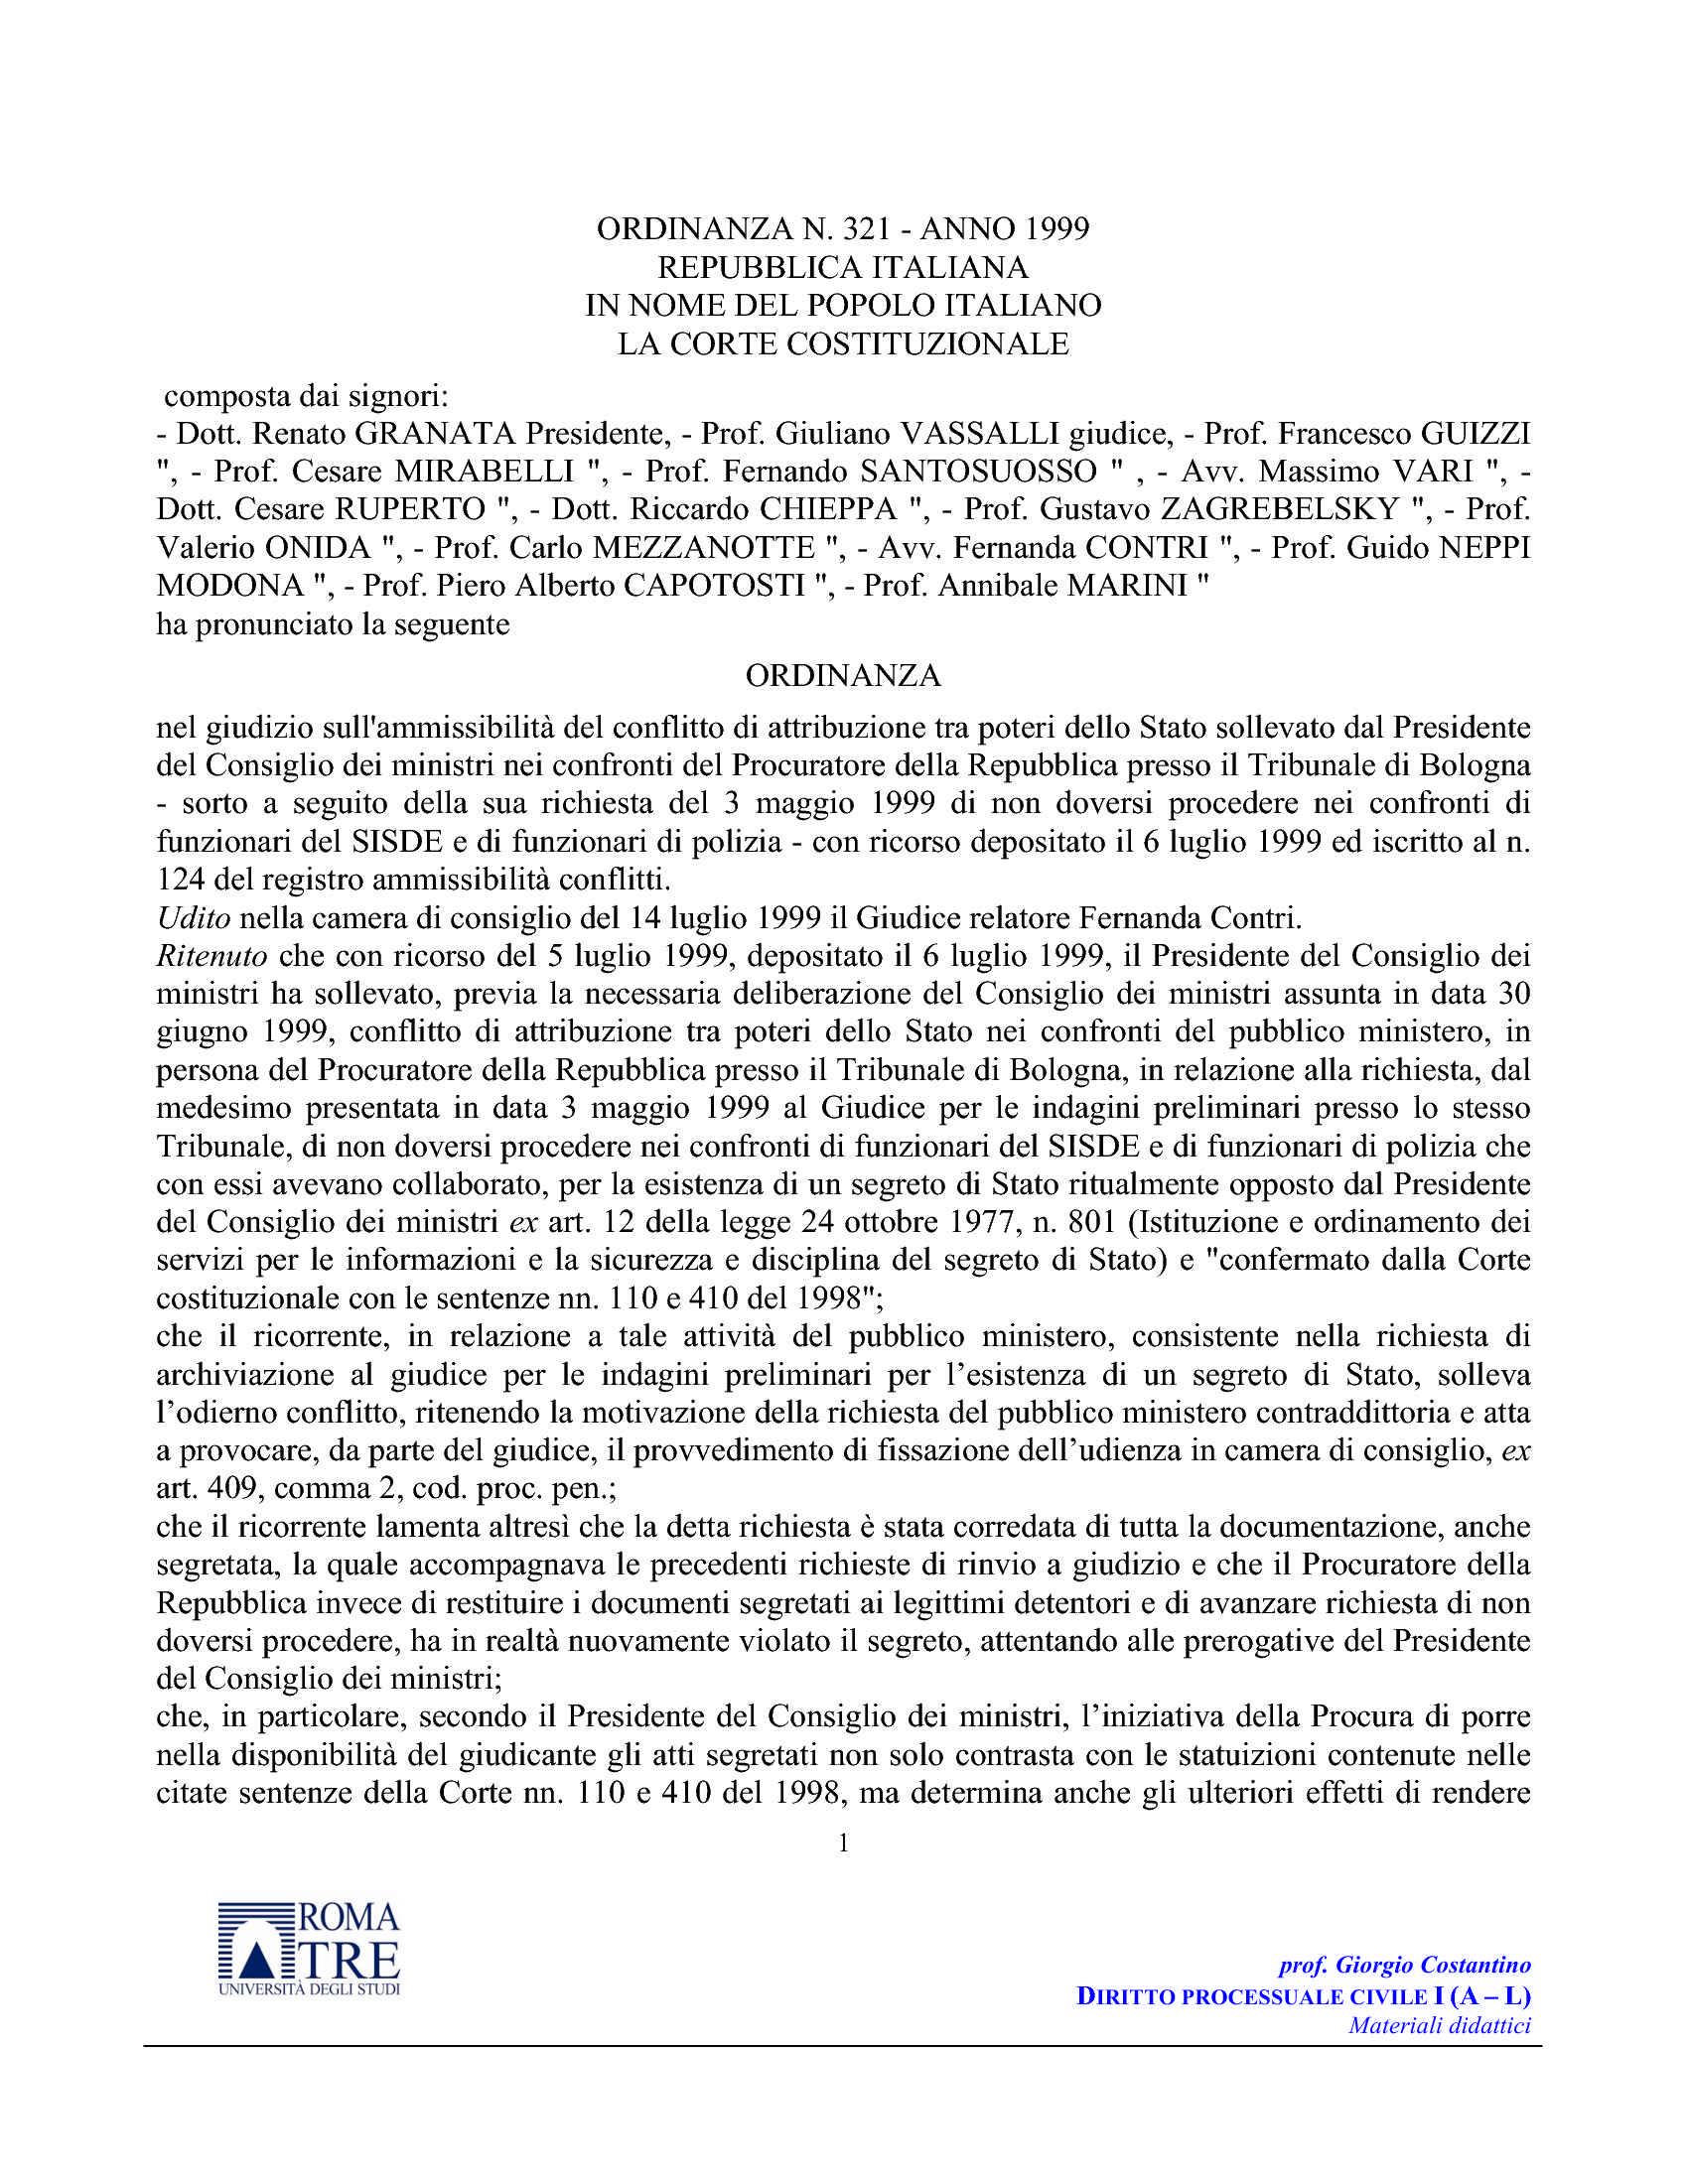 Conflitti attribuzione - C. Cost. ord. 321/99